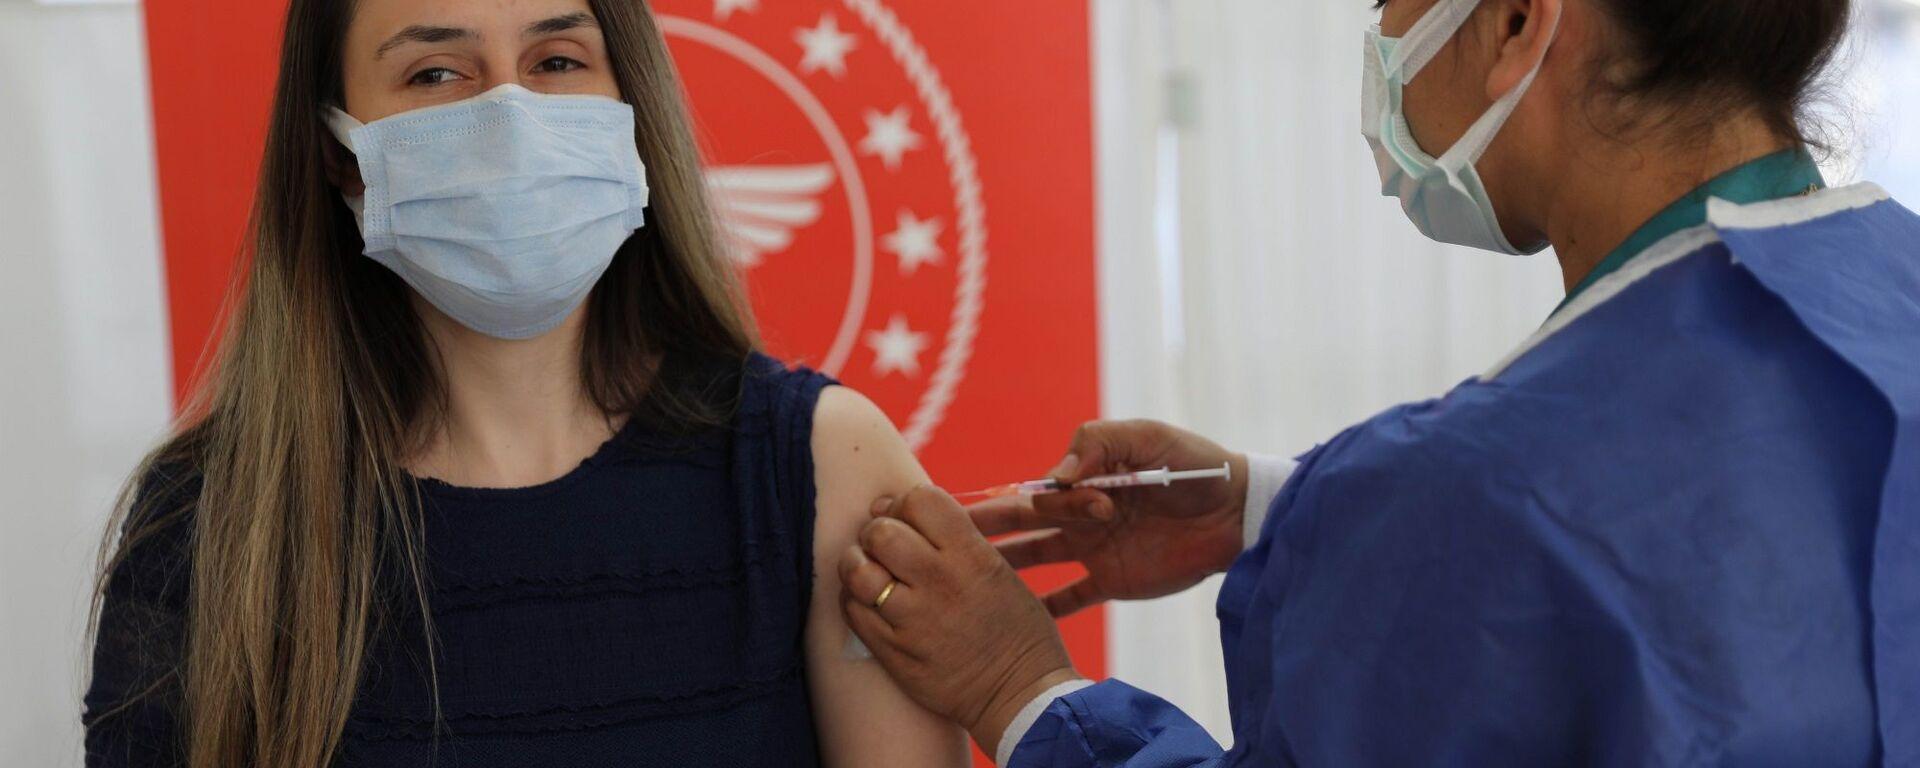 aşı - koronavirüs - Sputnik Türkiye, 1920, 27.07.2021